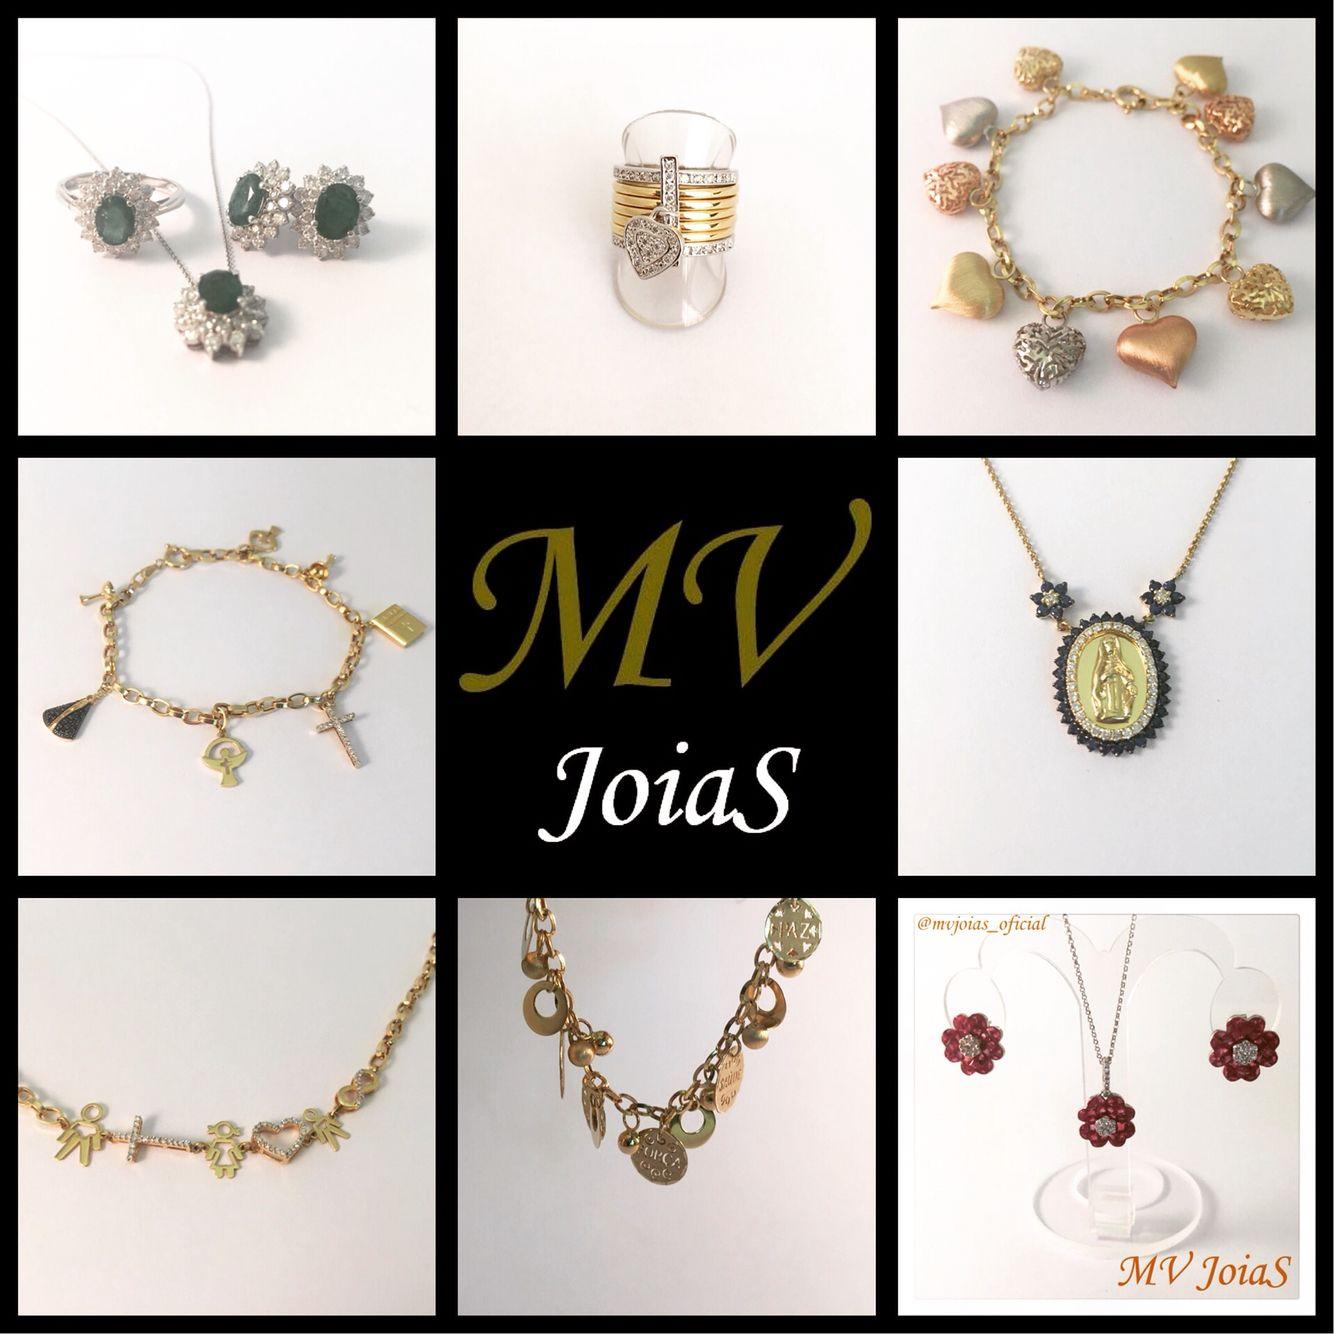 Só ouro!  www.mvjoias.com.br #promoção #30off #DiaDasMaes #mae #ouro #rubi #esmeralda #safira #diamante #brinco #anel #pingente #pulseira #gargantilha #corrente